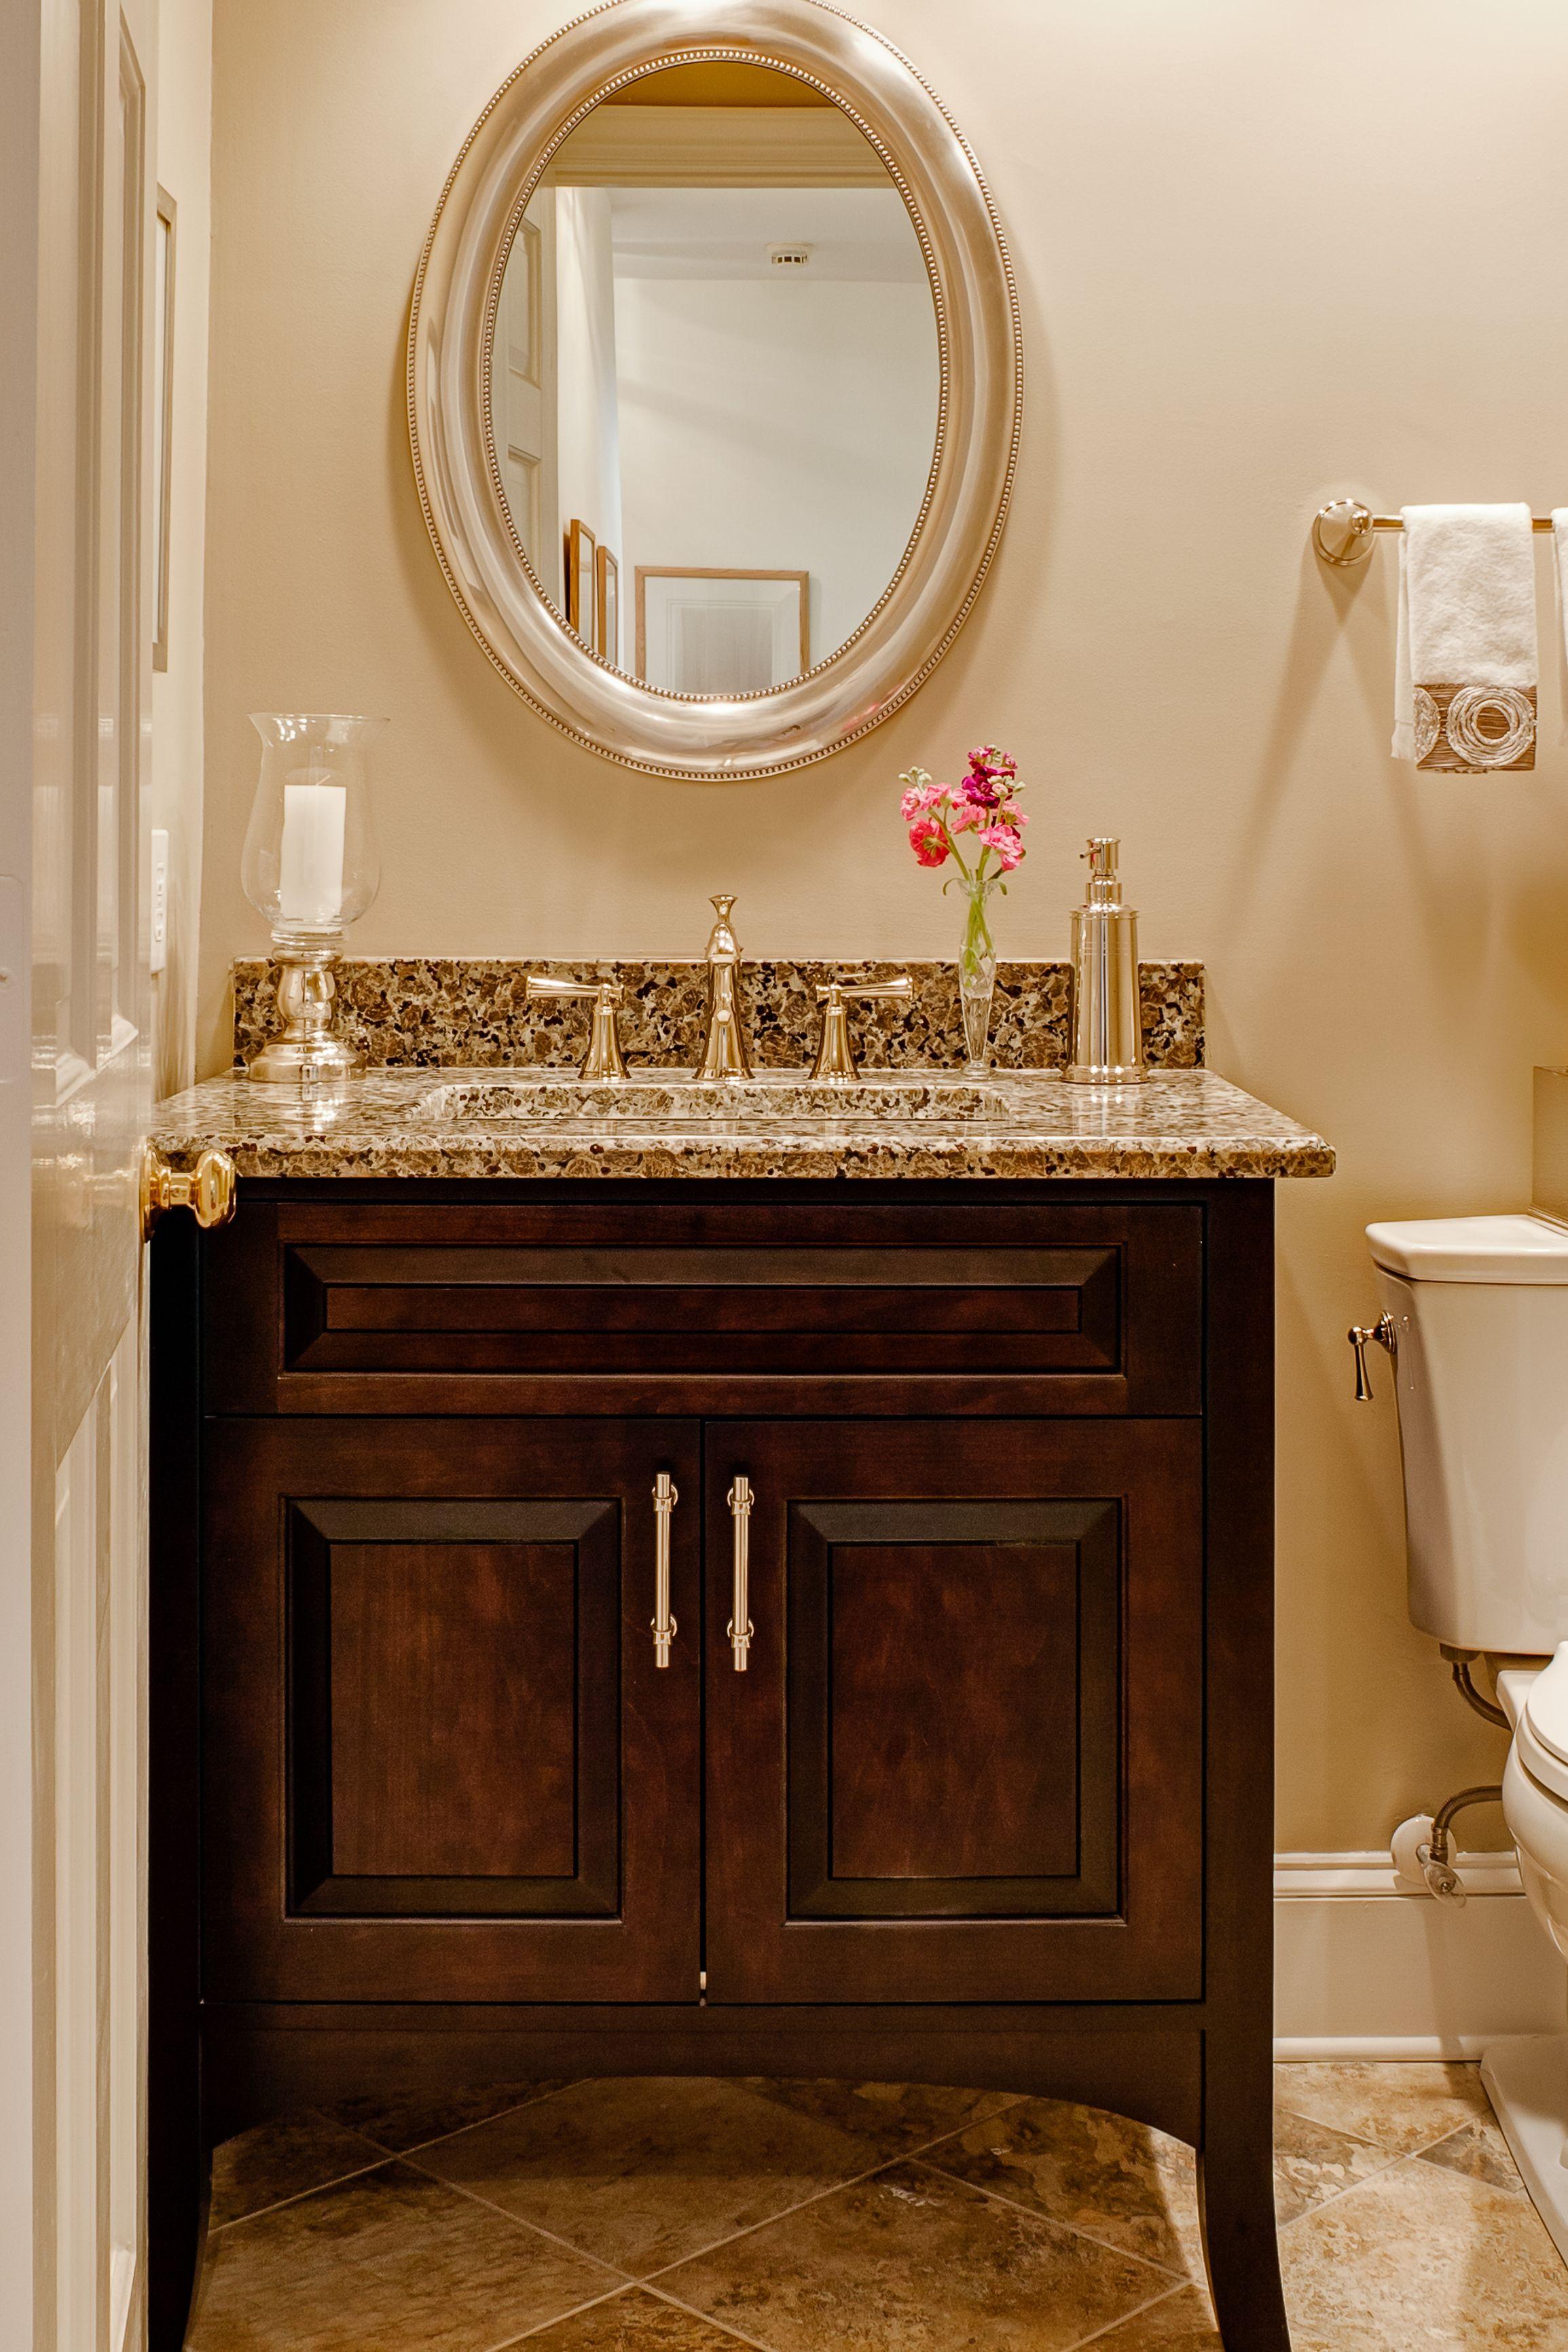 Wonderful 2 Door Powder Room Vanity With Single Sink And